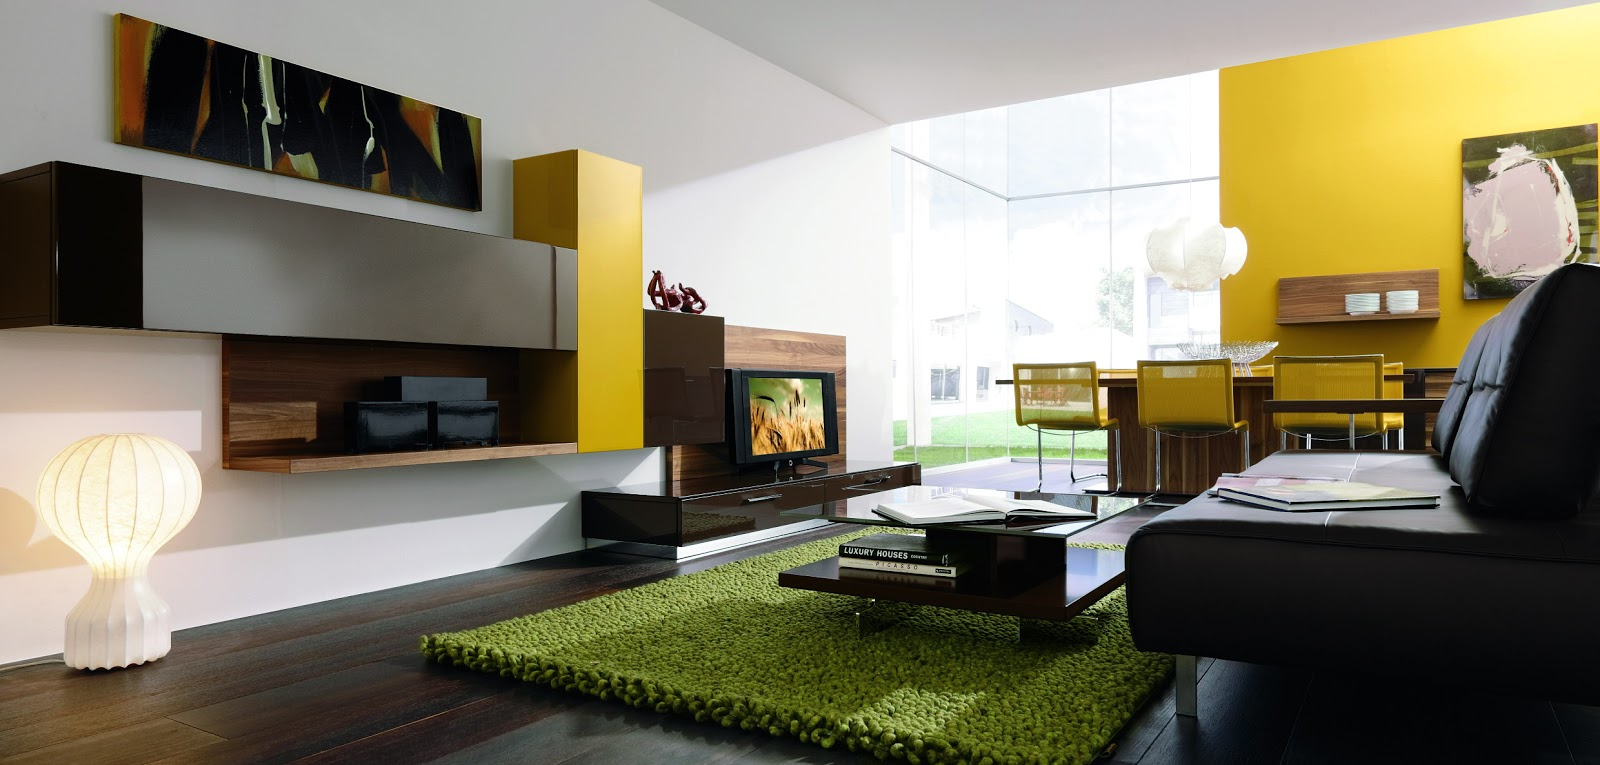 wohnzimmer design ideen - Home Creation